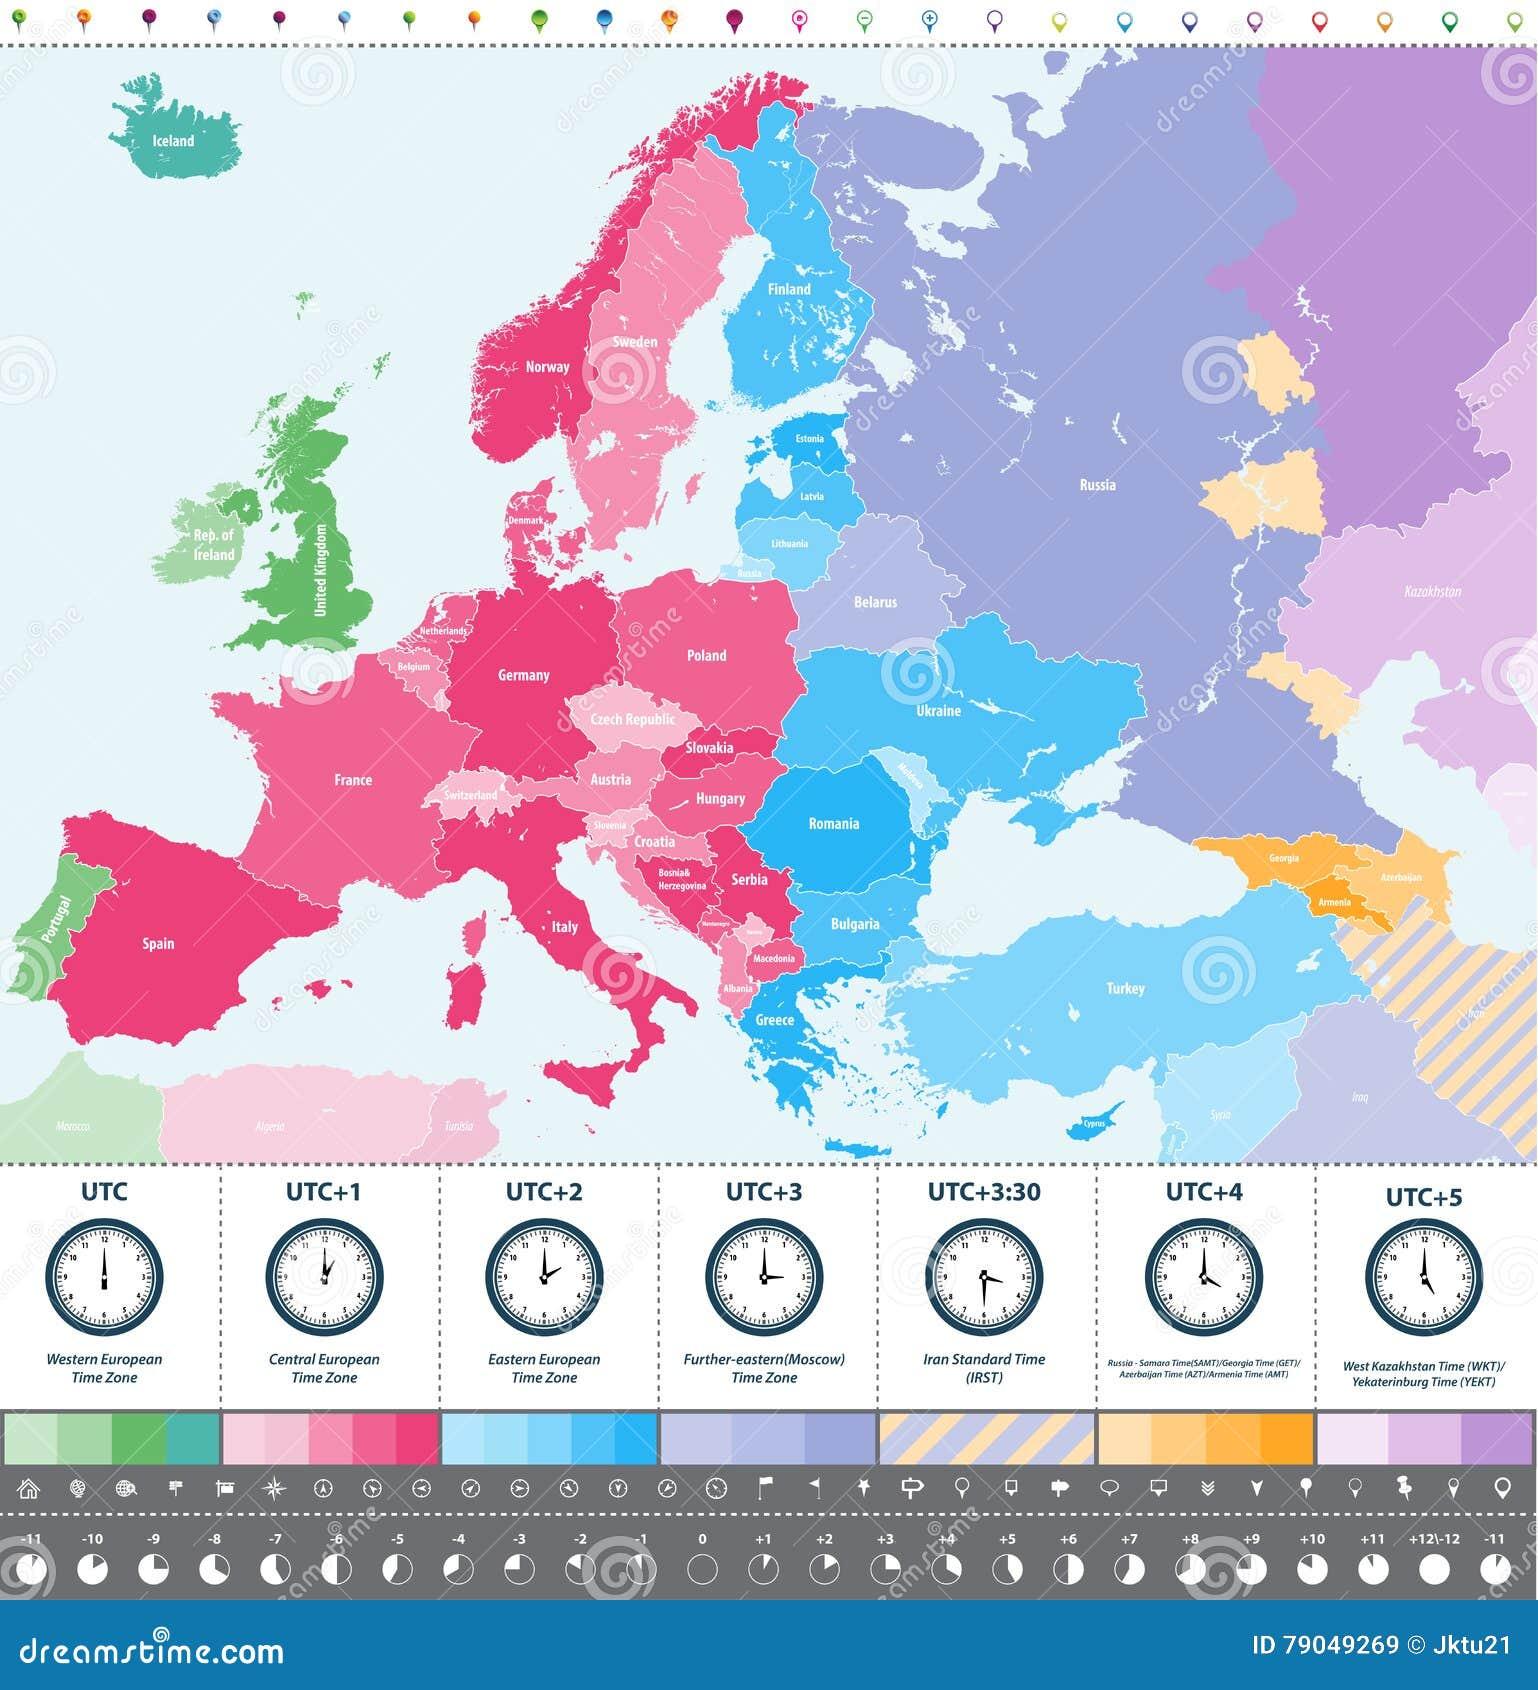 Karta Europa Tidszoner.Specificerad Oversikt For Europa Tidszoner Hojdpunkt Med Lage Och